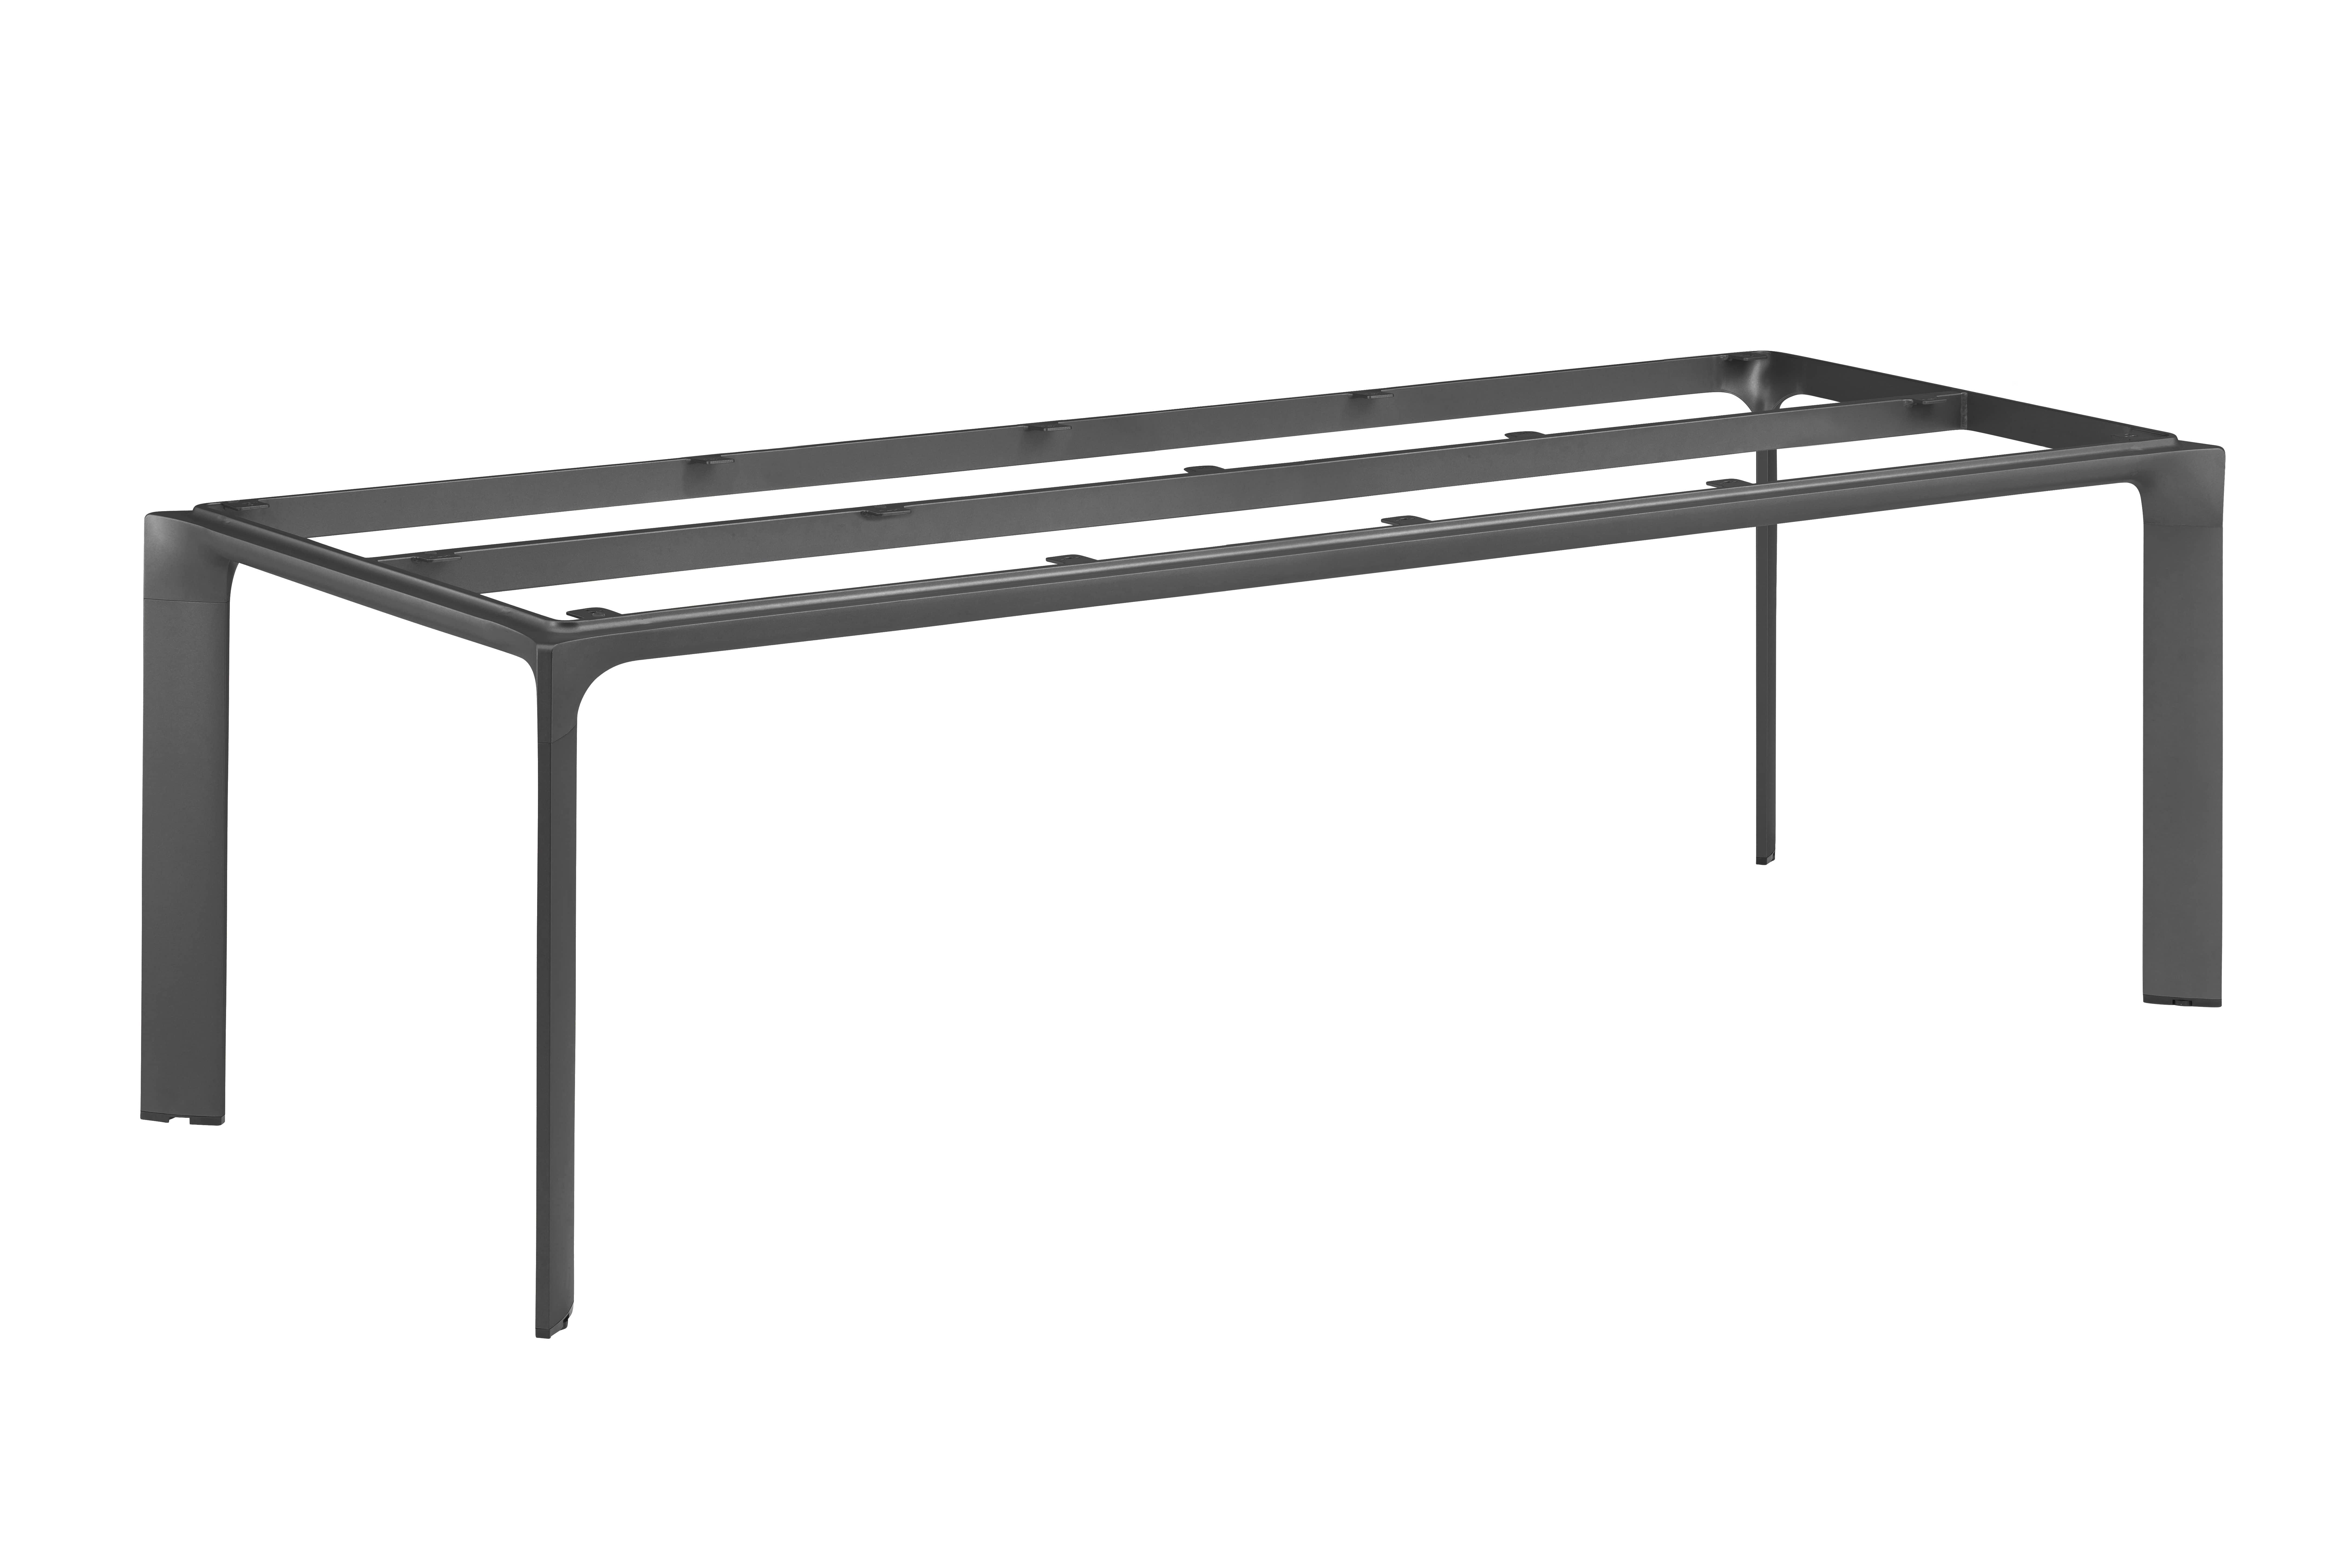 DIAMOND Tischgestell 220 x 95 cm